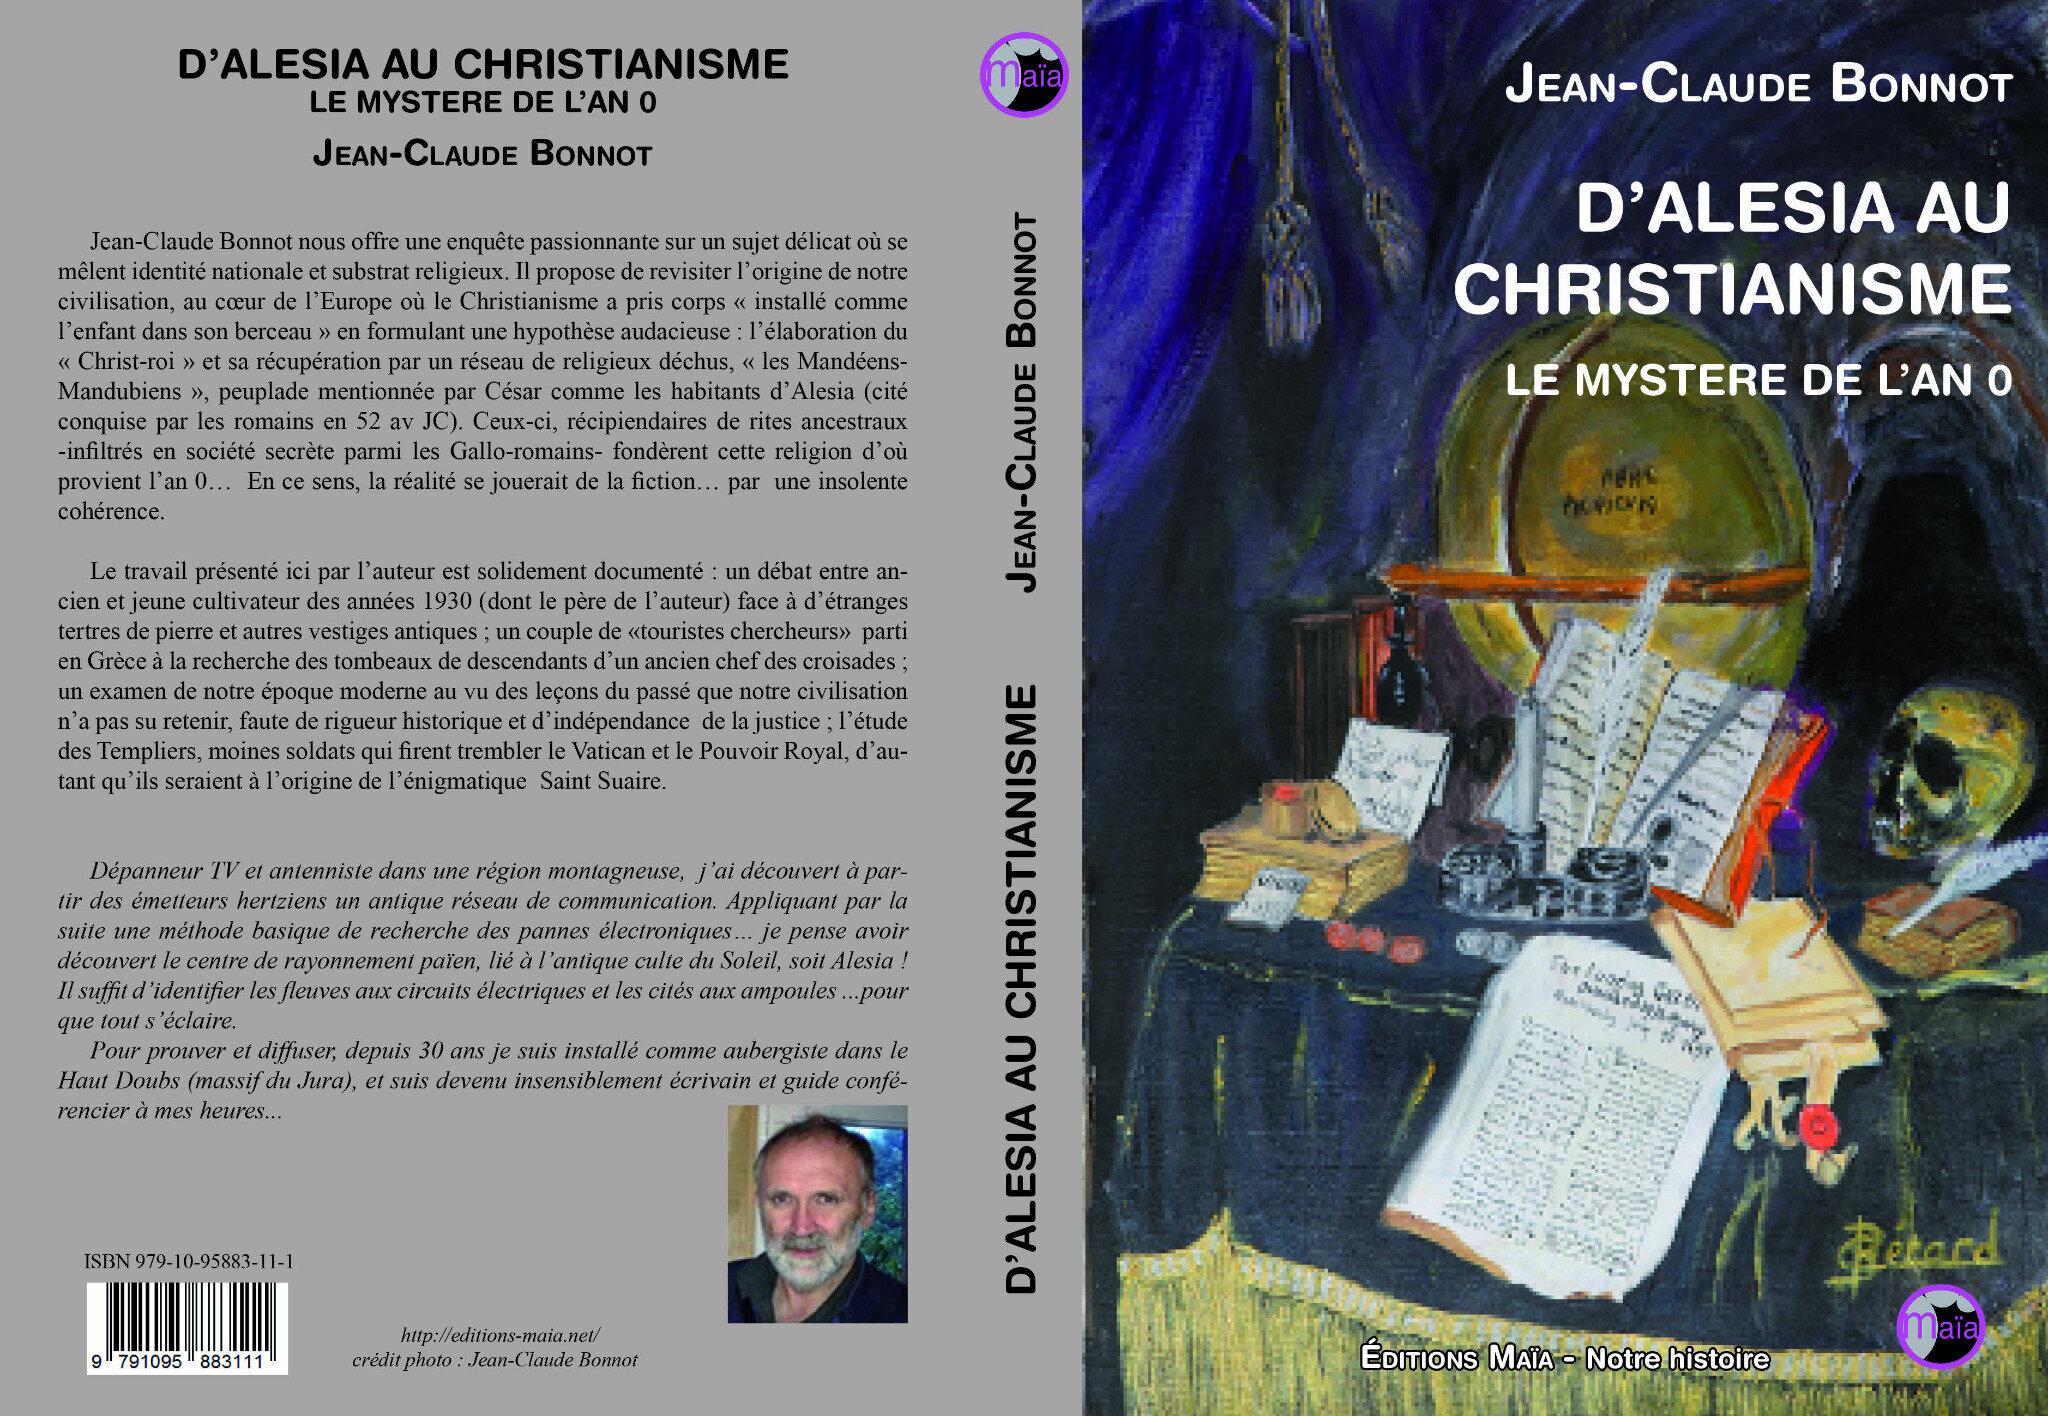 Le Mystere de l'an 0, d'Alesia au Christianisme..